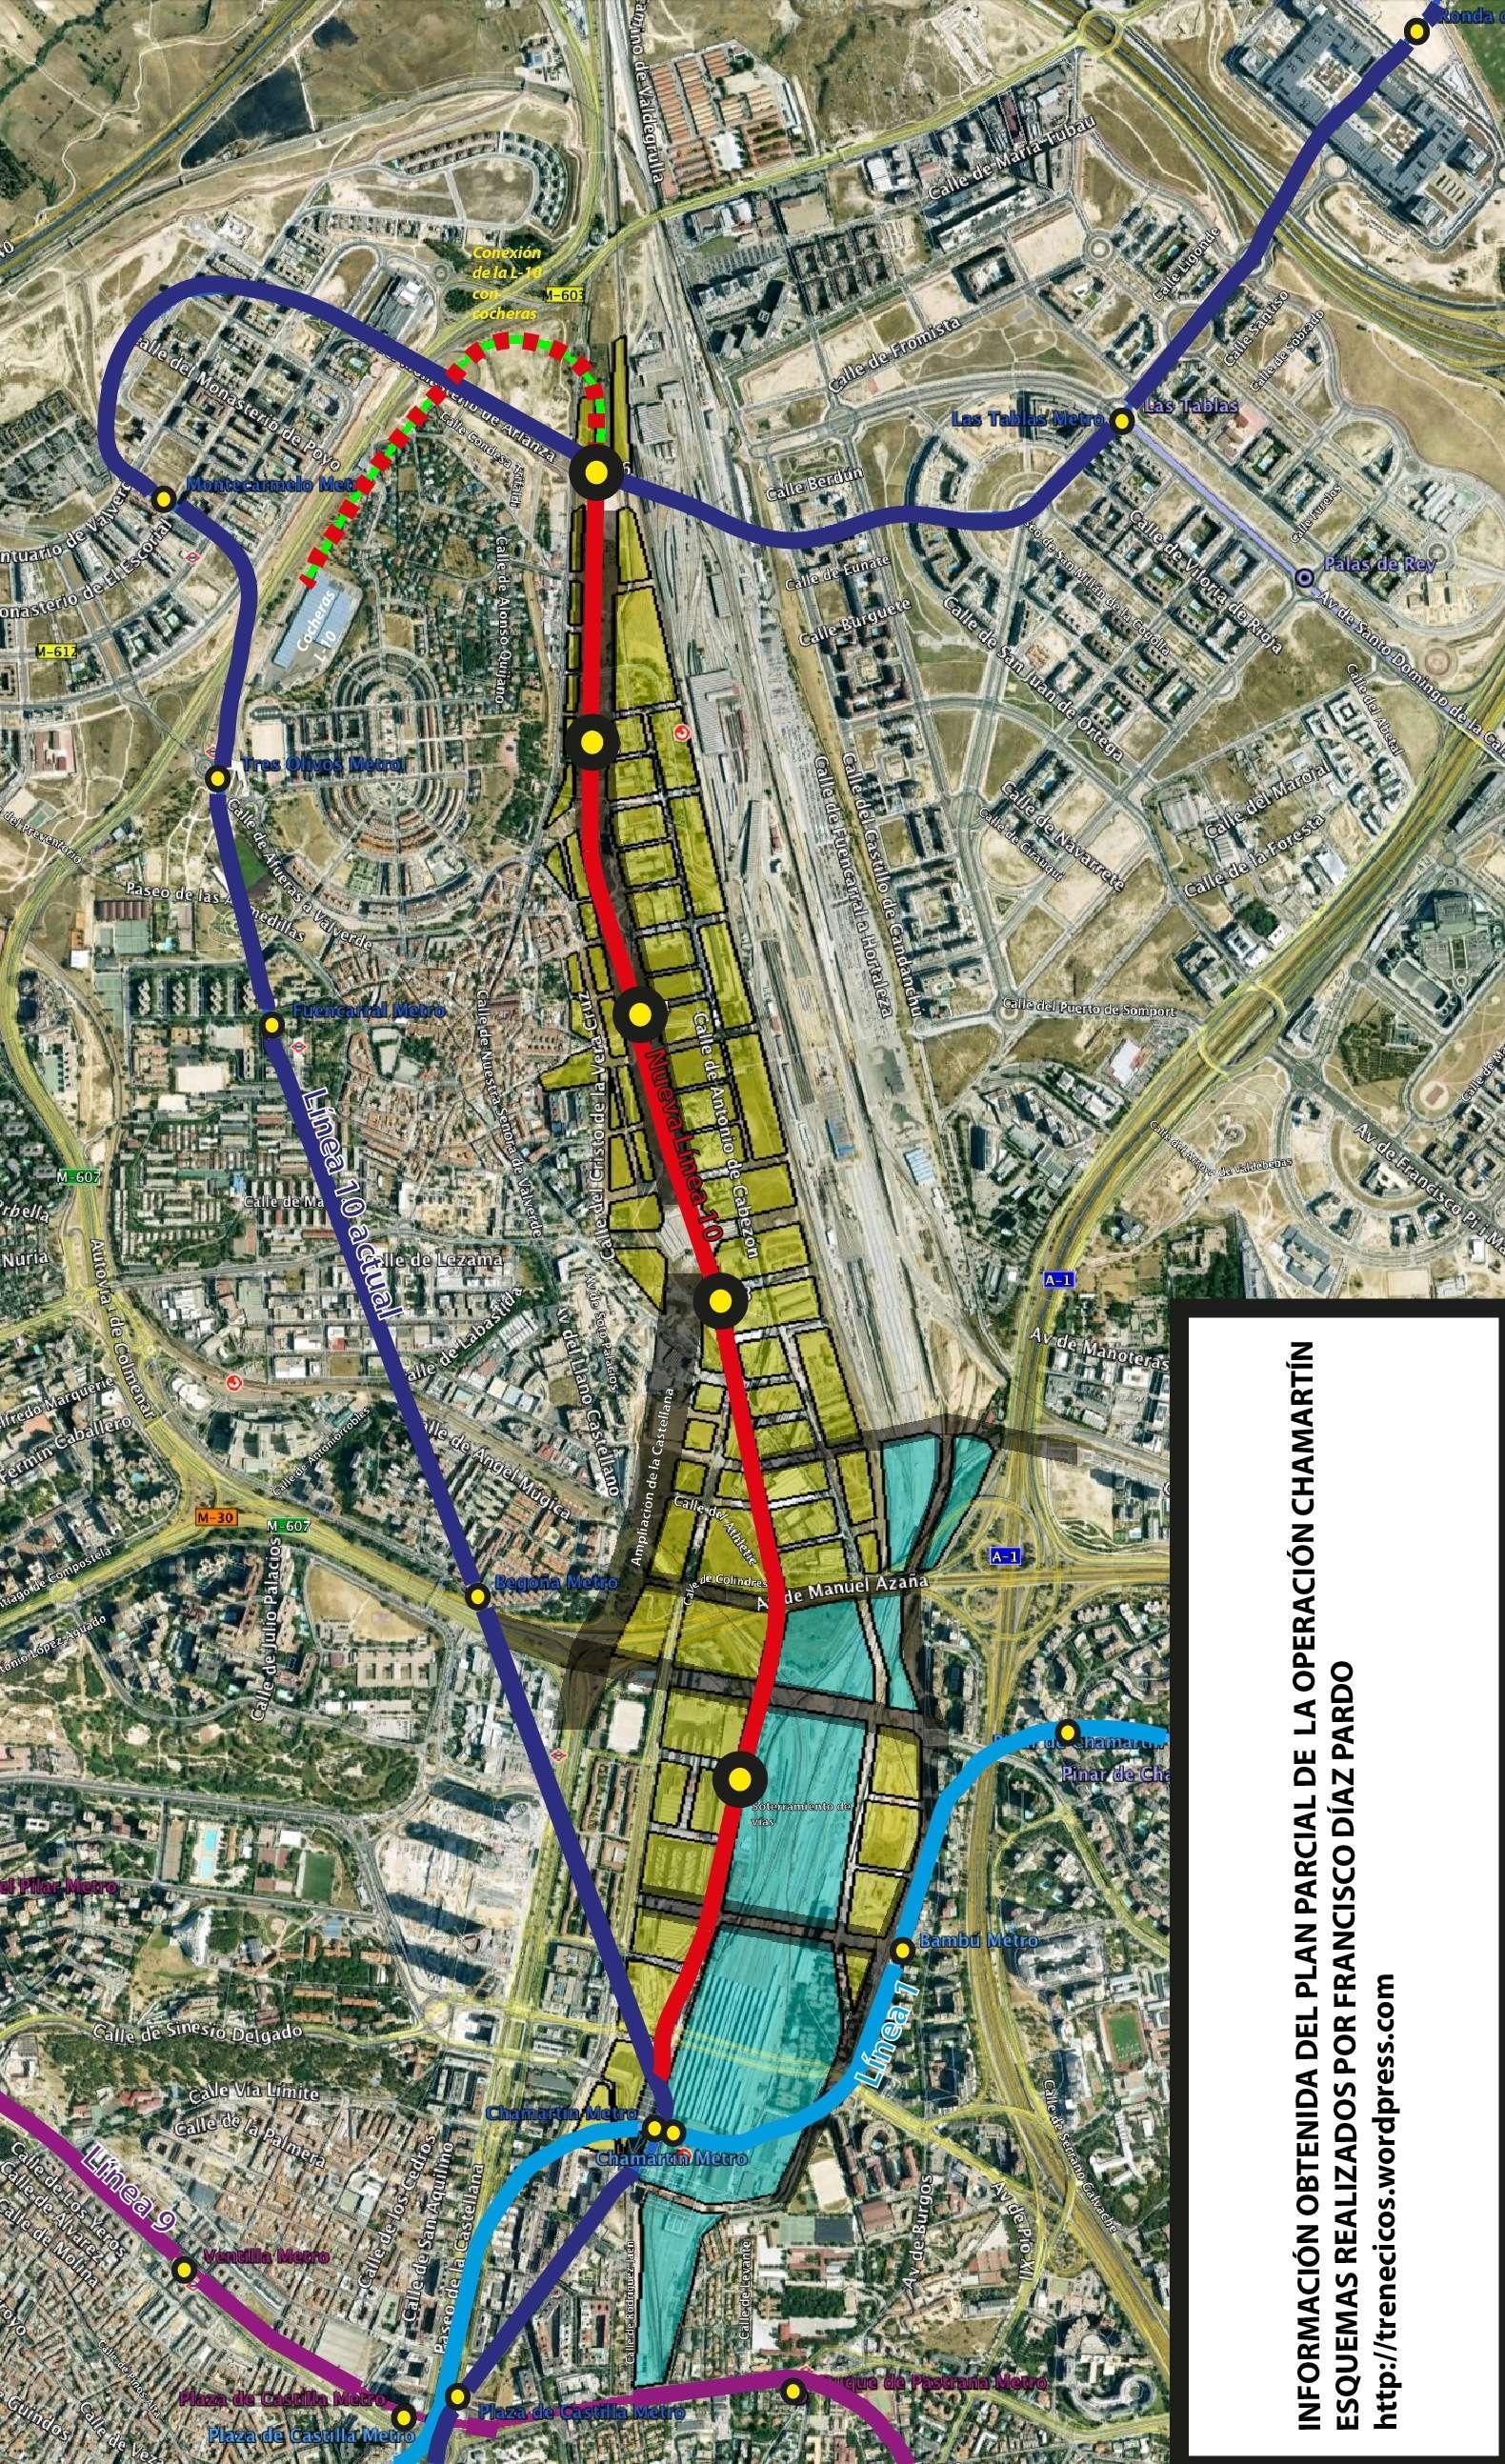 La ampliacin Lnea 10 de Metro de Madrid de la Operacin